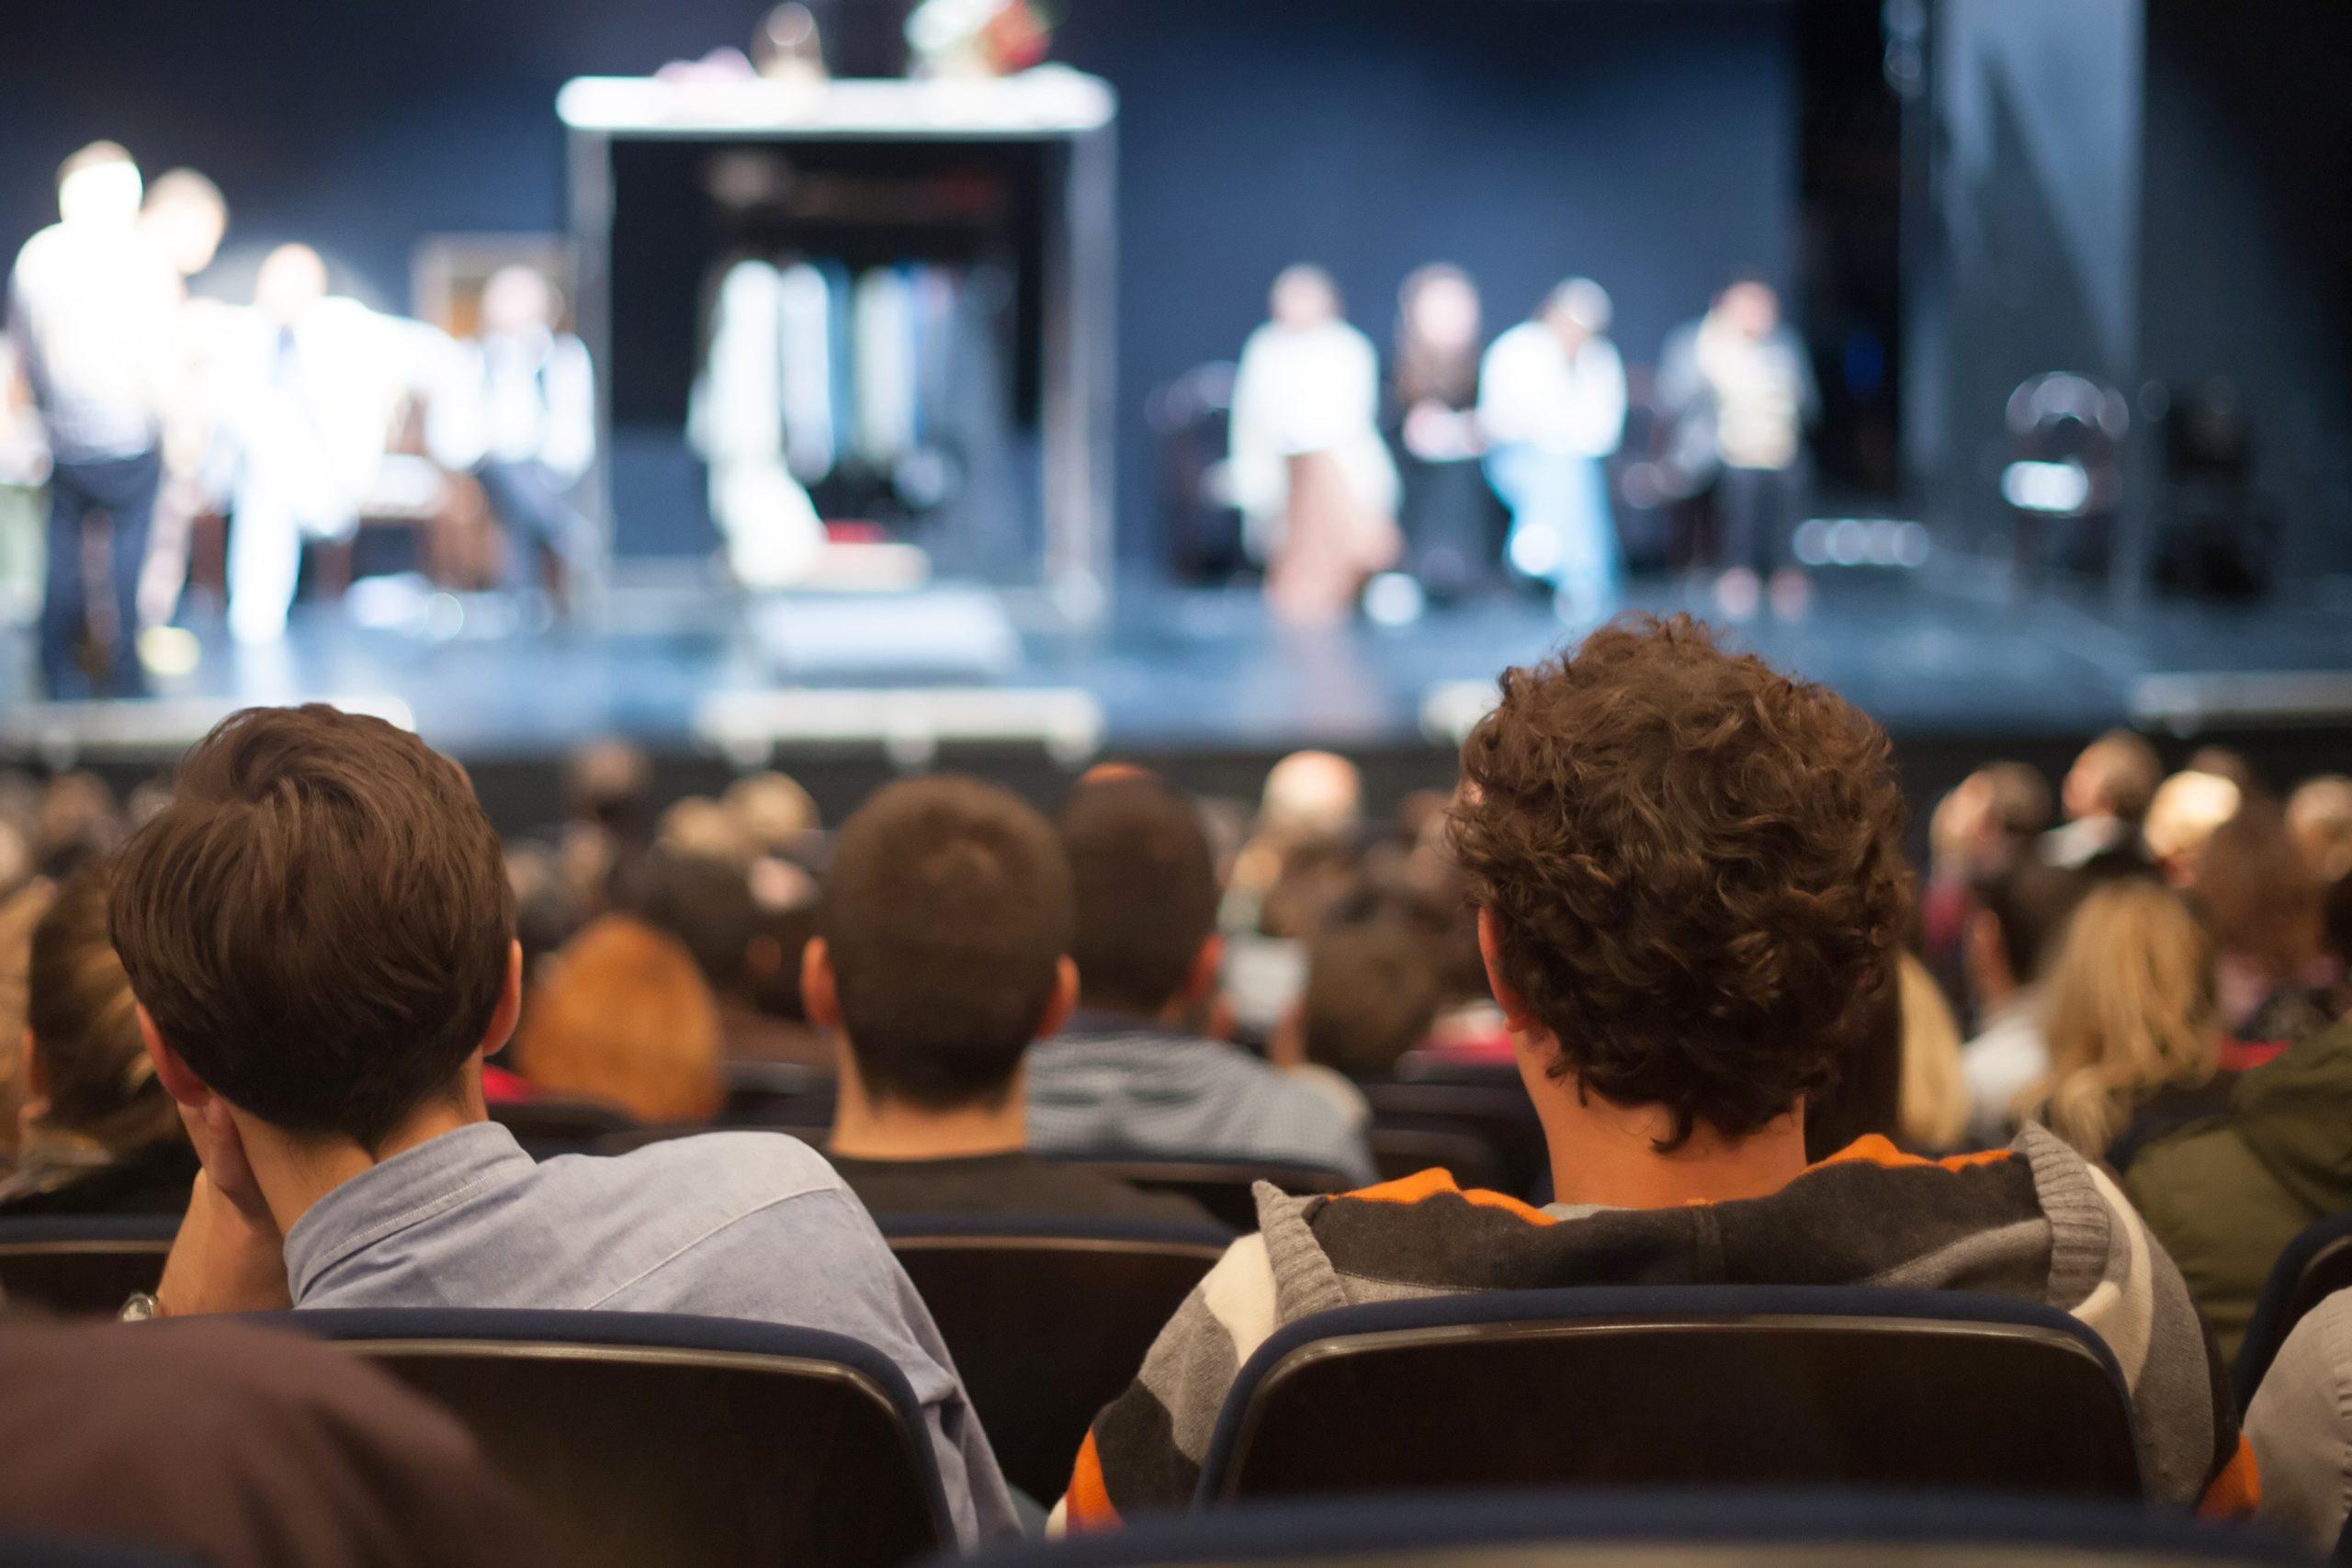 Jak się ubrać do teatru i filharmonii – 3 porady stylisty